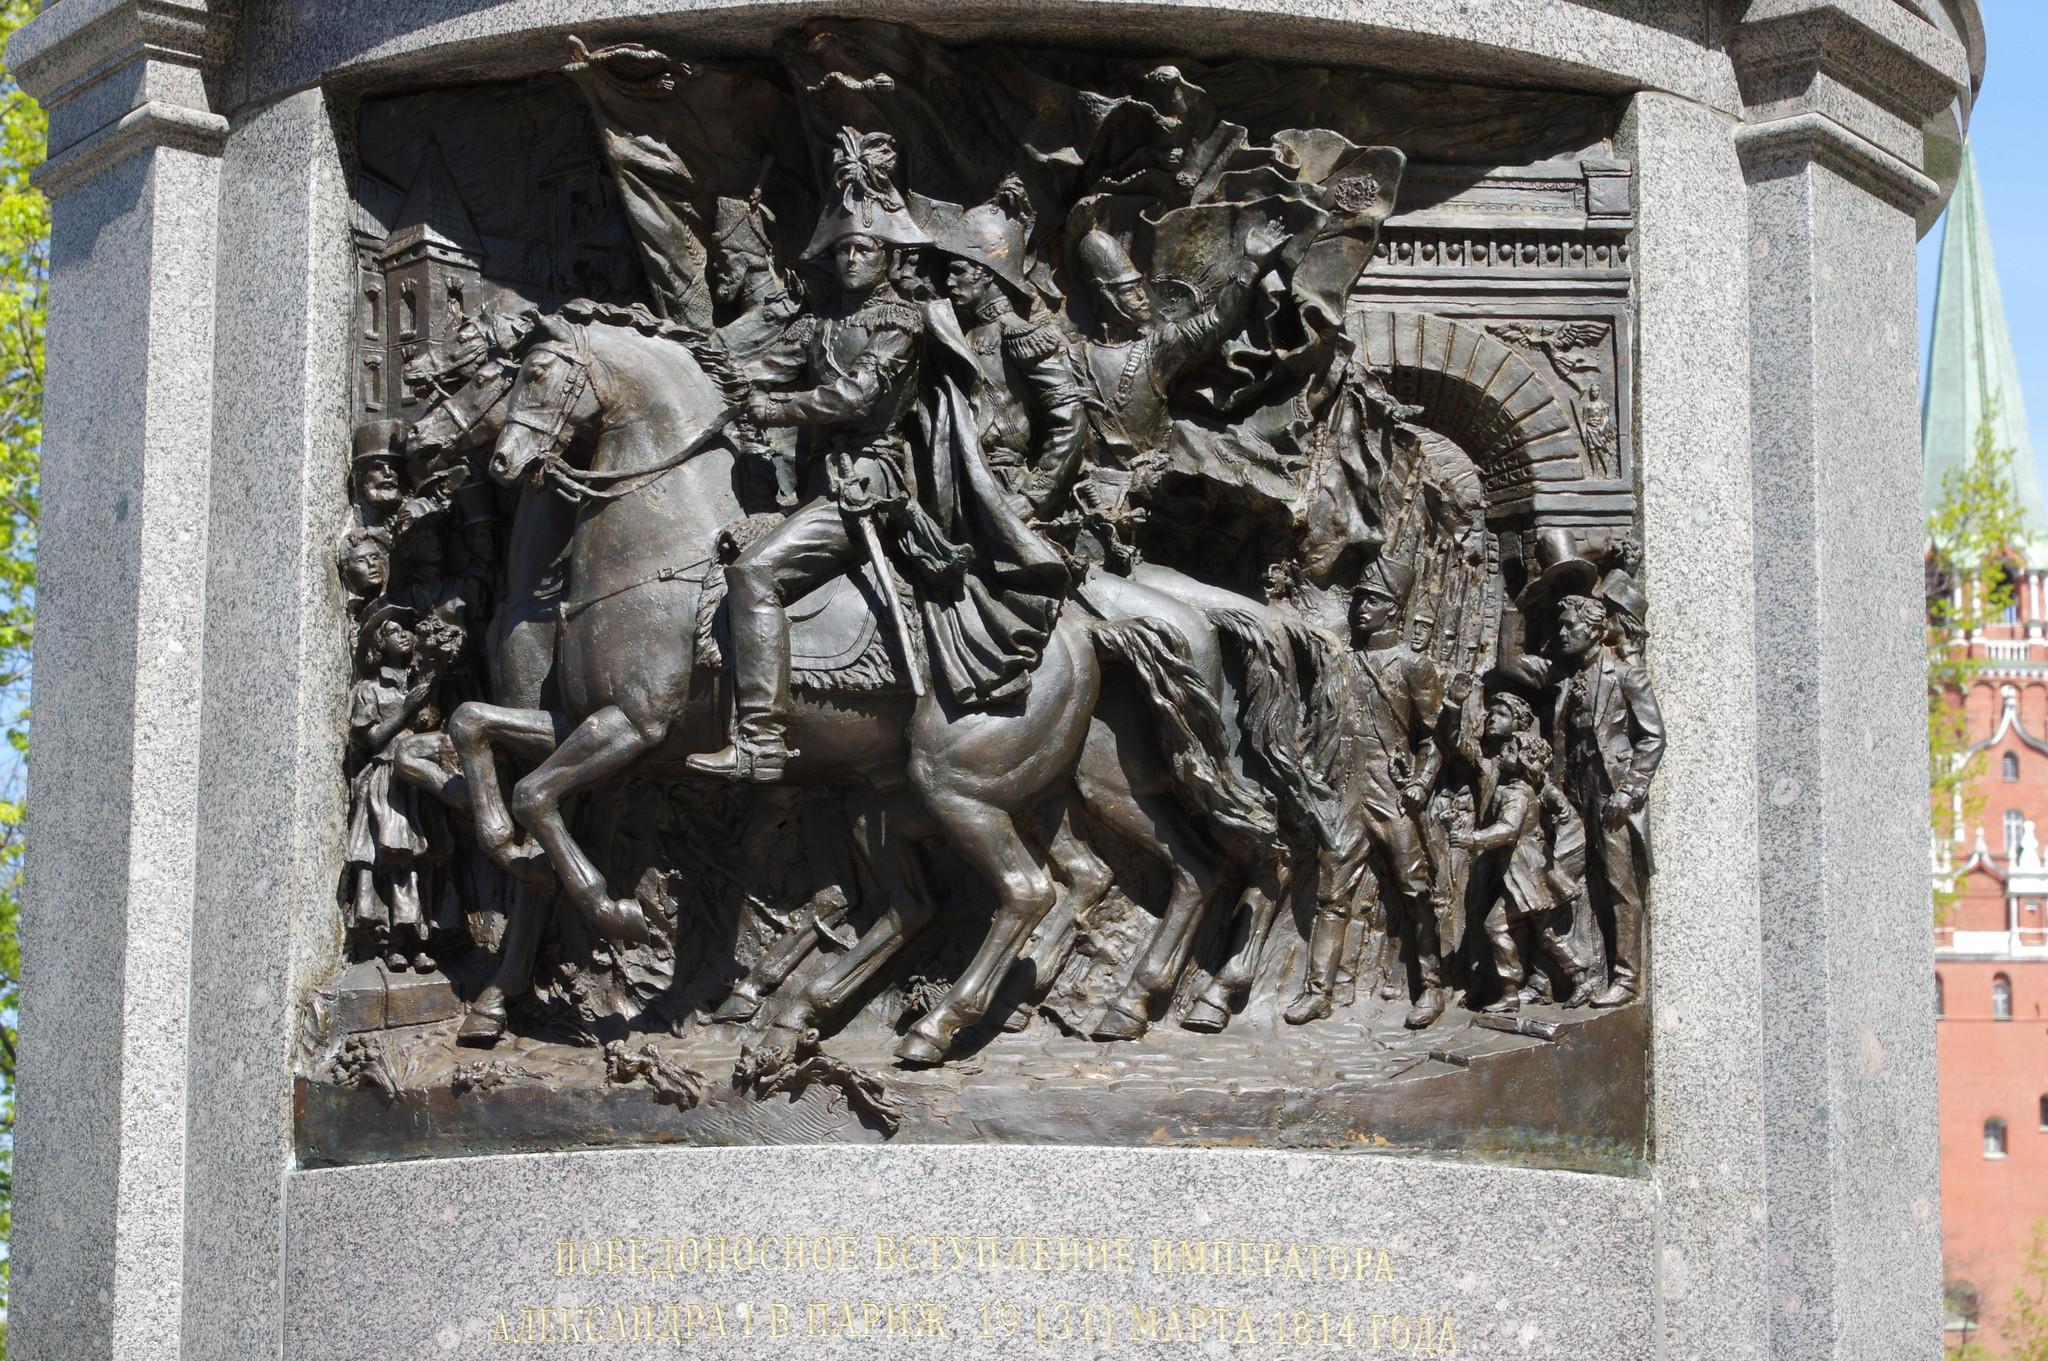 Памятник императору Александру I Павловичу в Александровском саду. Победоносное вступление императора Александра I в Париж 19 (31) марта 1814 года